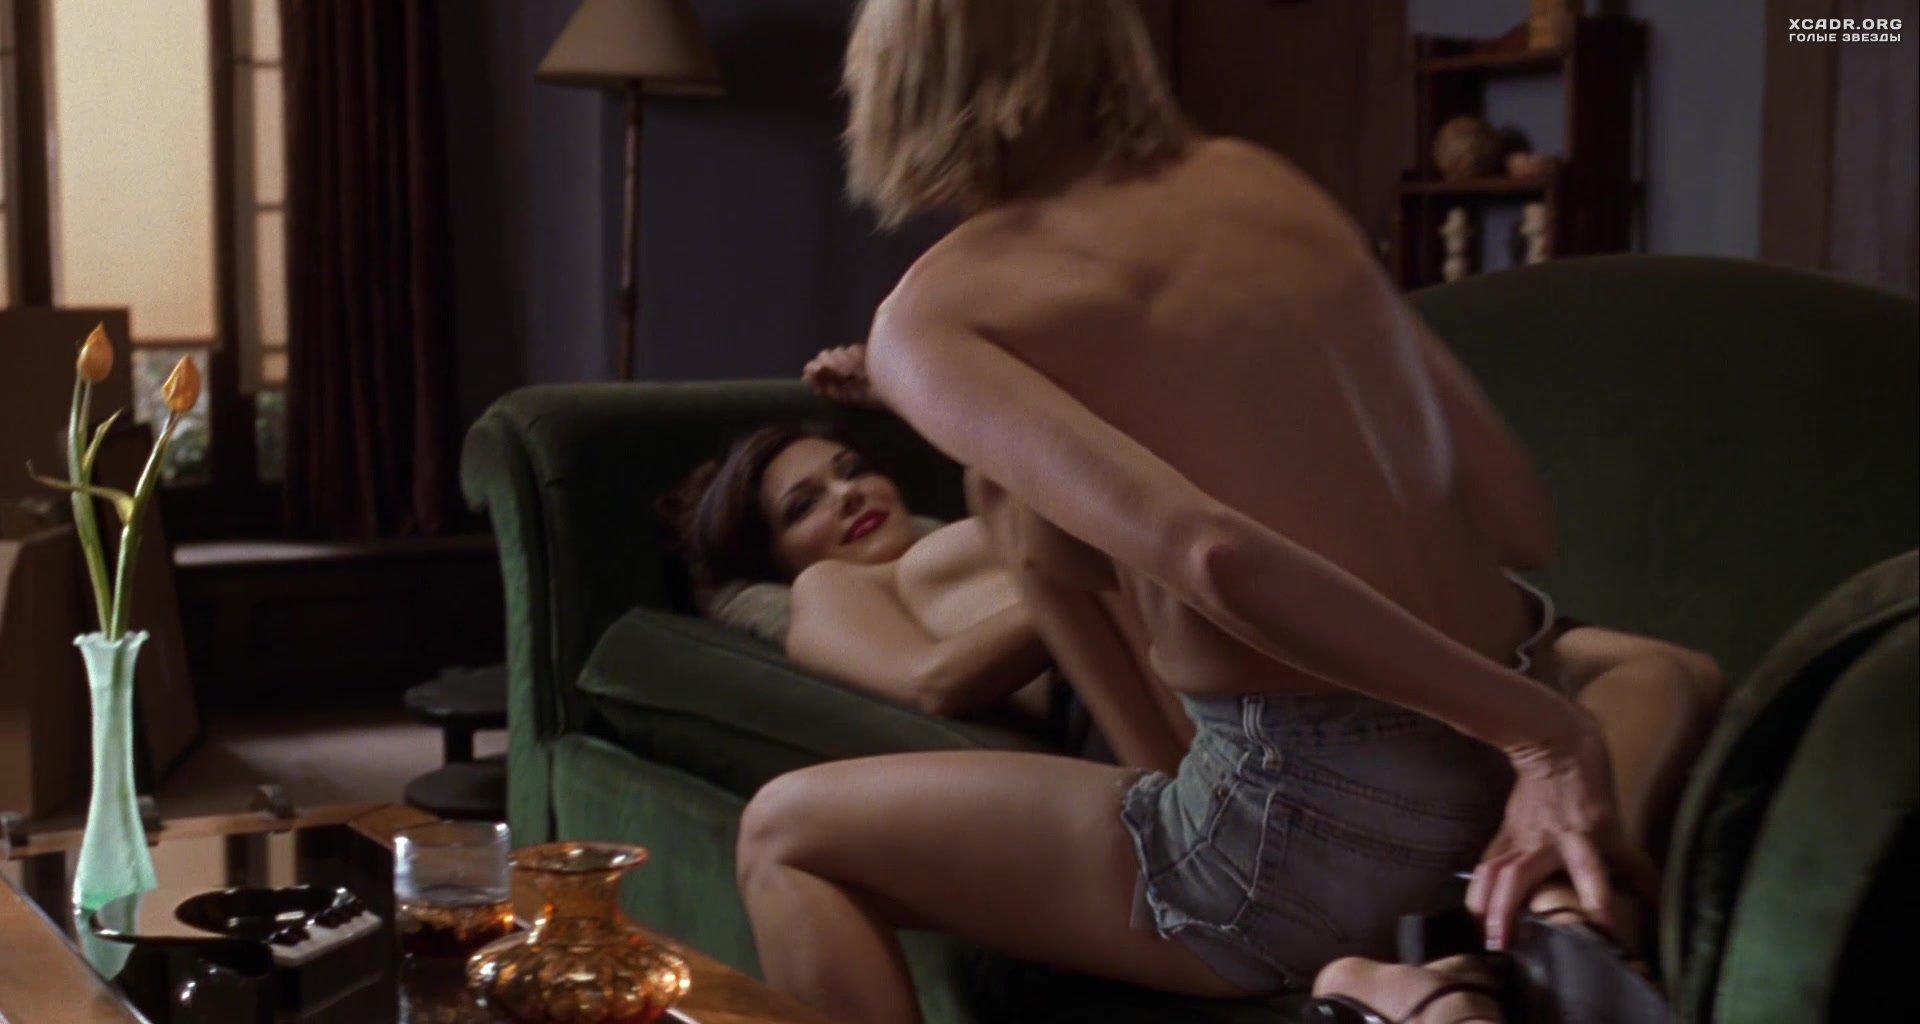 Лучшие лесби поцелуи в фильмах 36 видео  XCADRCOM